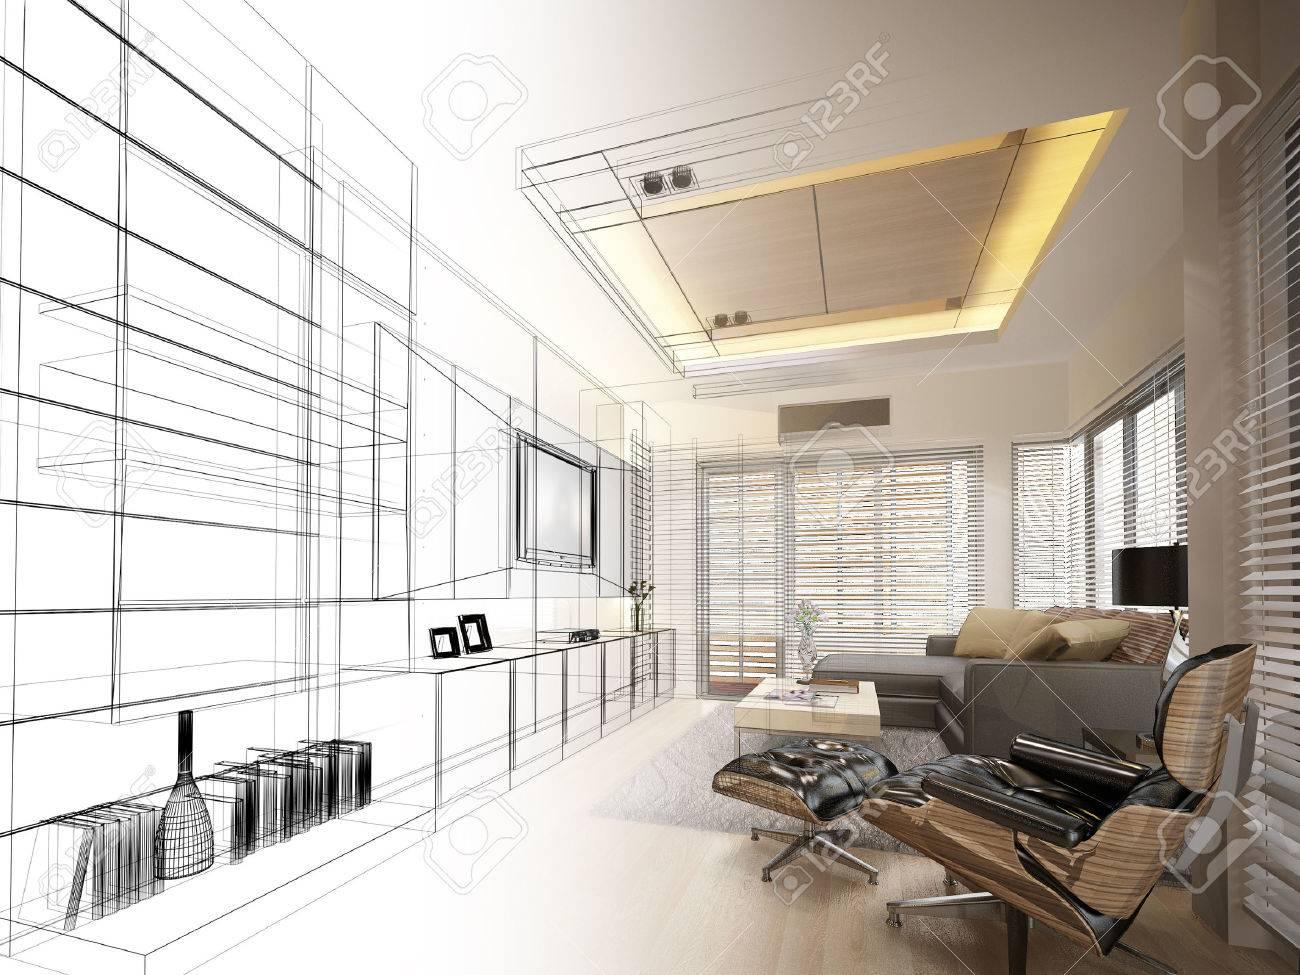 sketch design of living ,3dwire frame render - 42310245